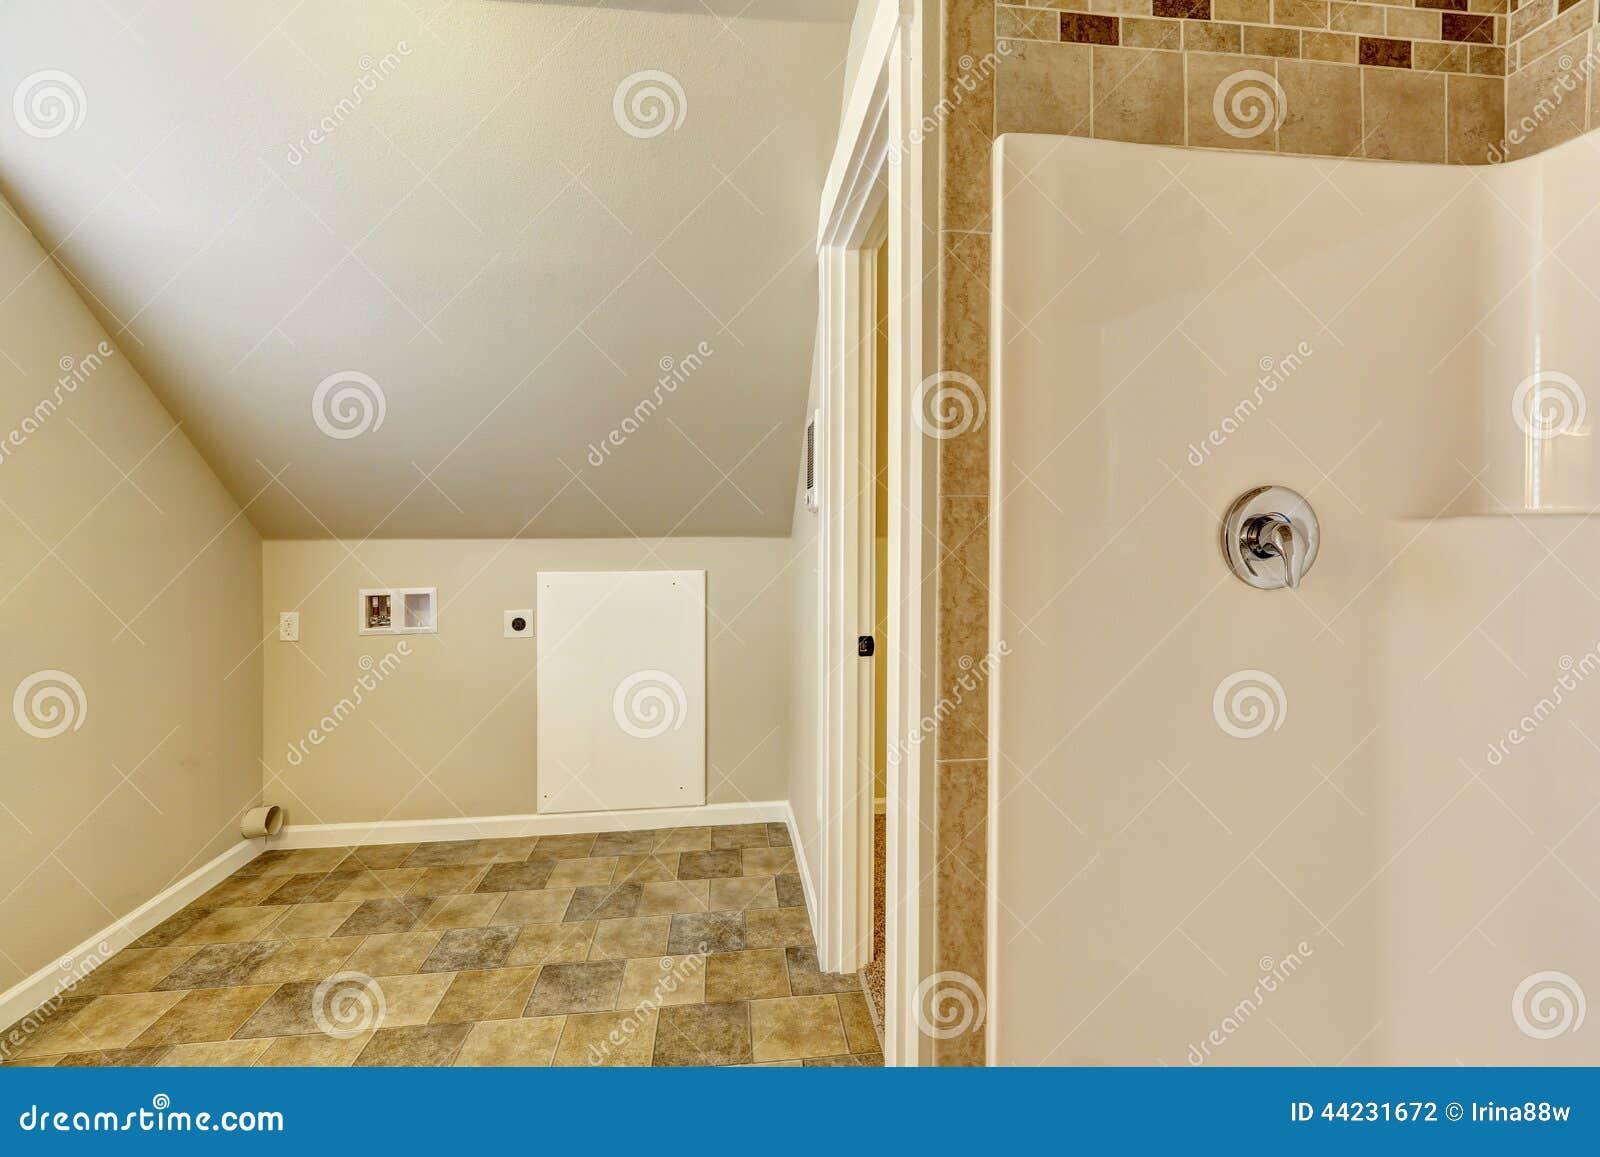 Bagno Con Zona Lavanderia : Bagno con il soffitto arcato area vuota della lavanderia